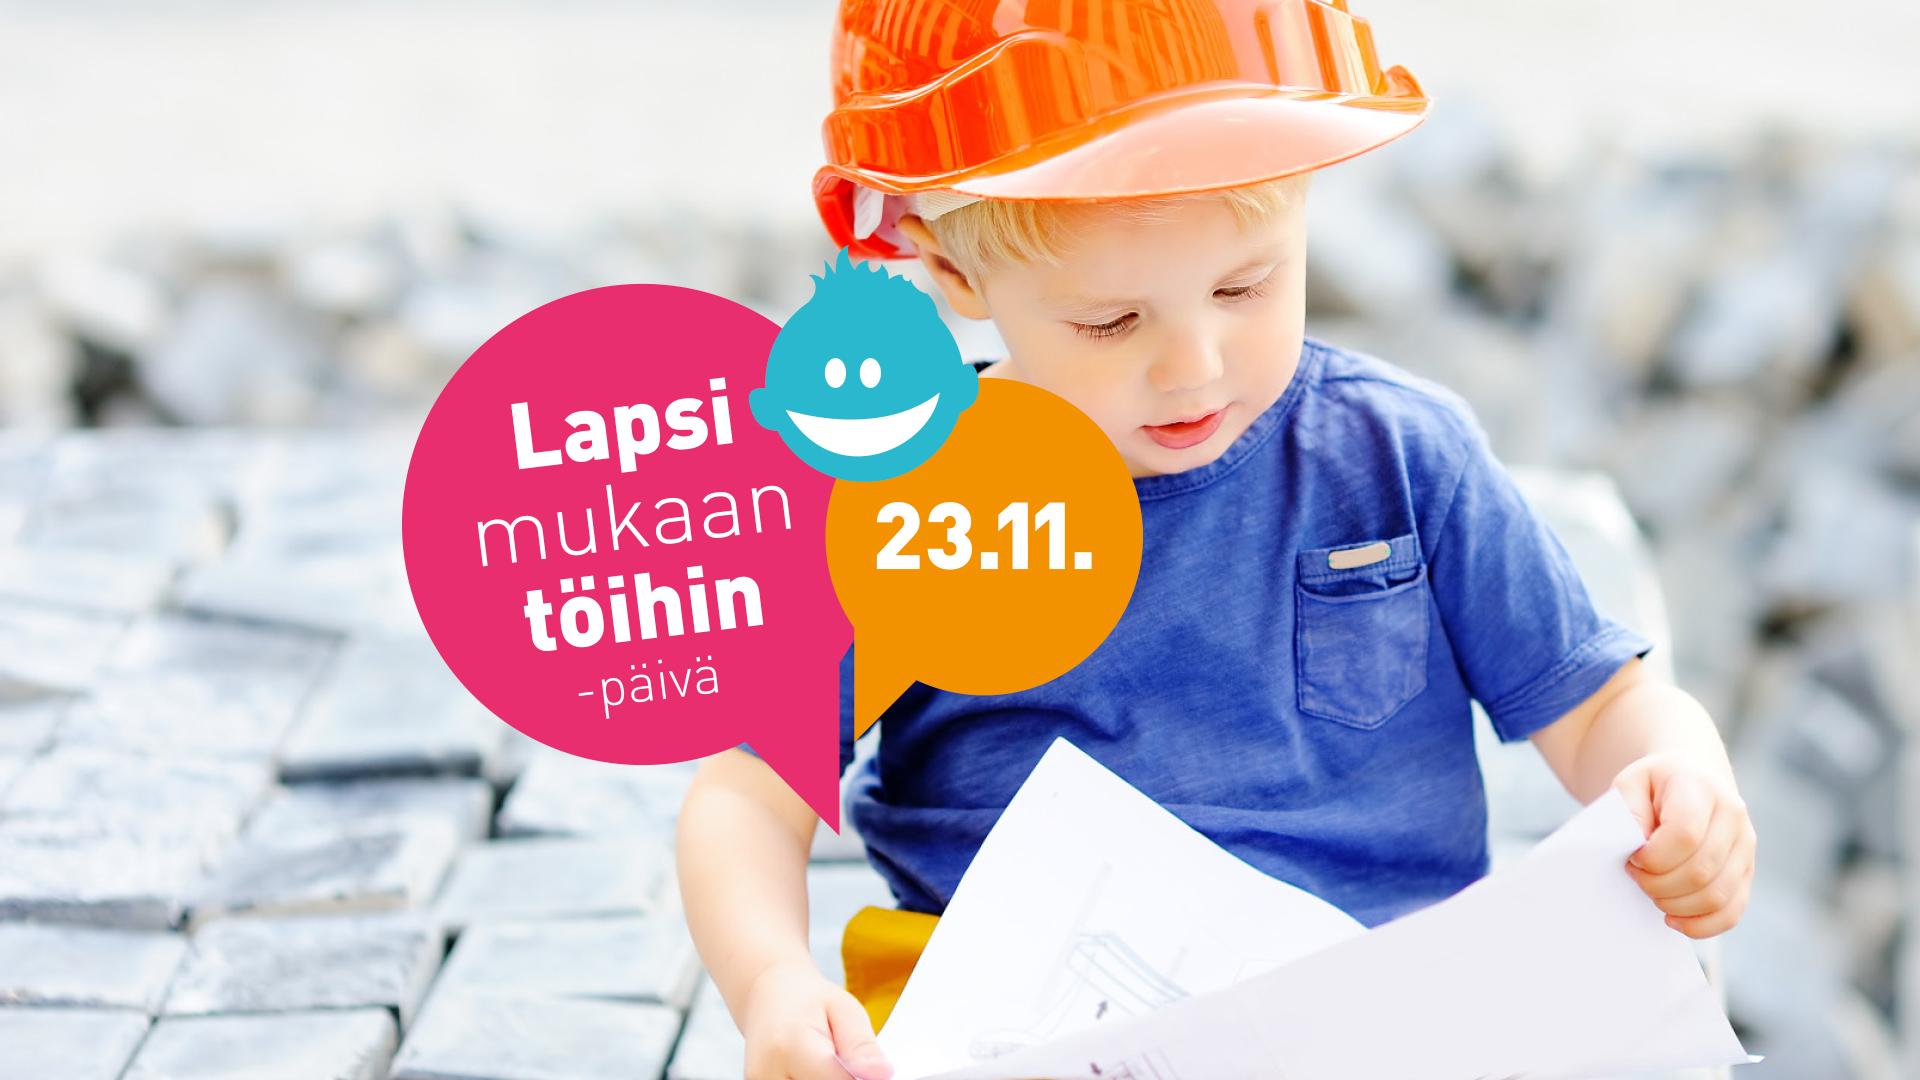 Lapsi Mukaan Töihin -päivä pe 23.11.2018